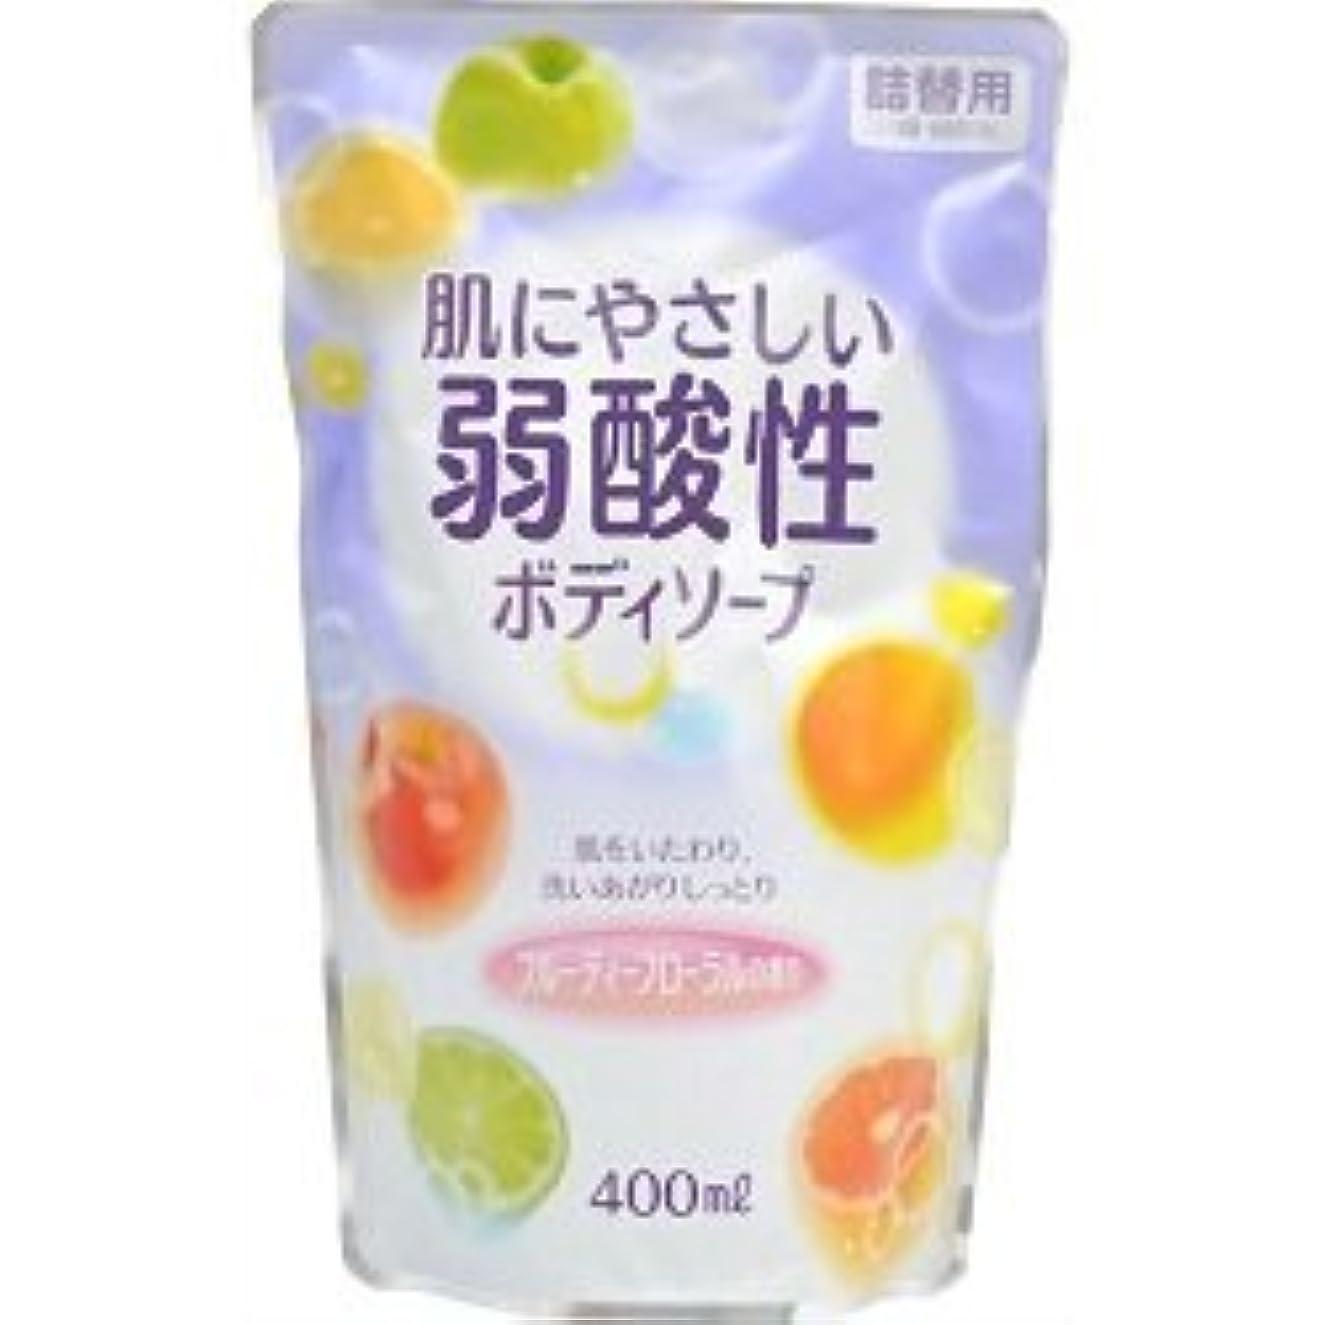 賢明なシャーク掃除【エオリア】弱酸性ボディソープ フルーティフローラルの香り 詰替用 400ml ×3個セット